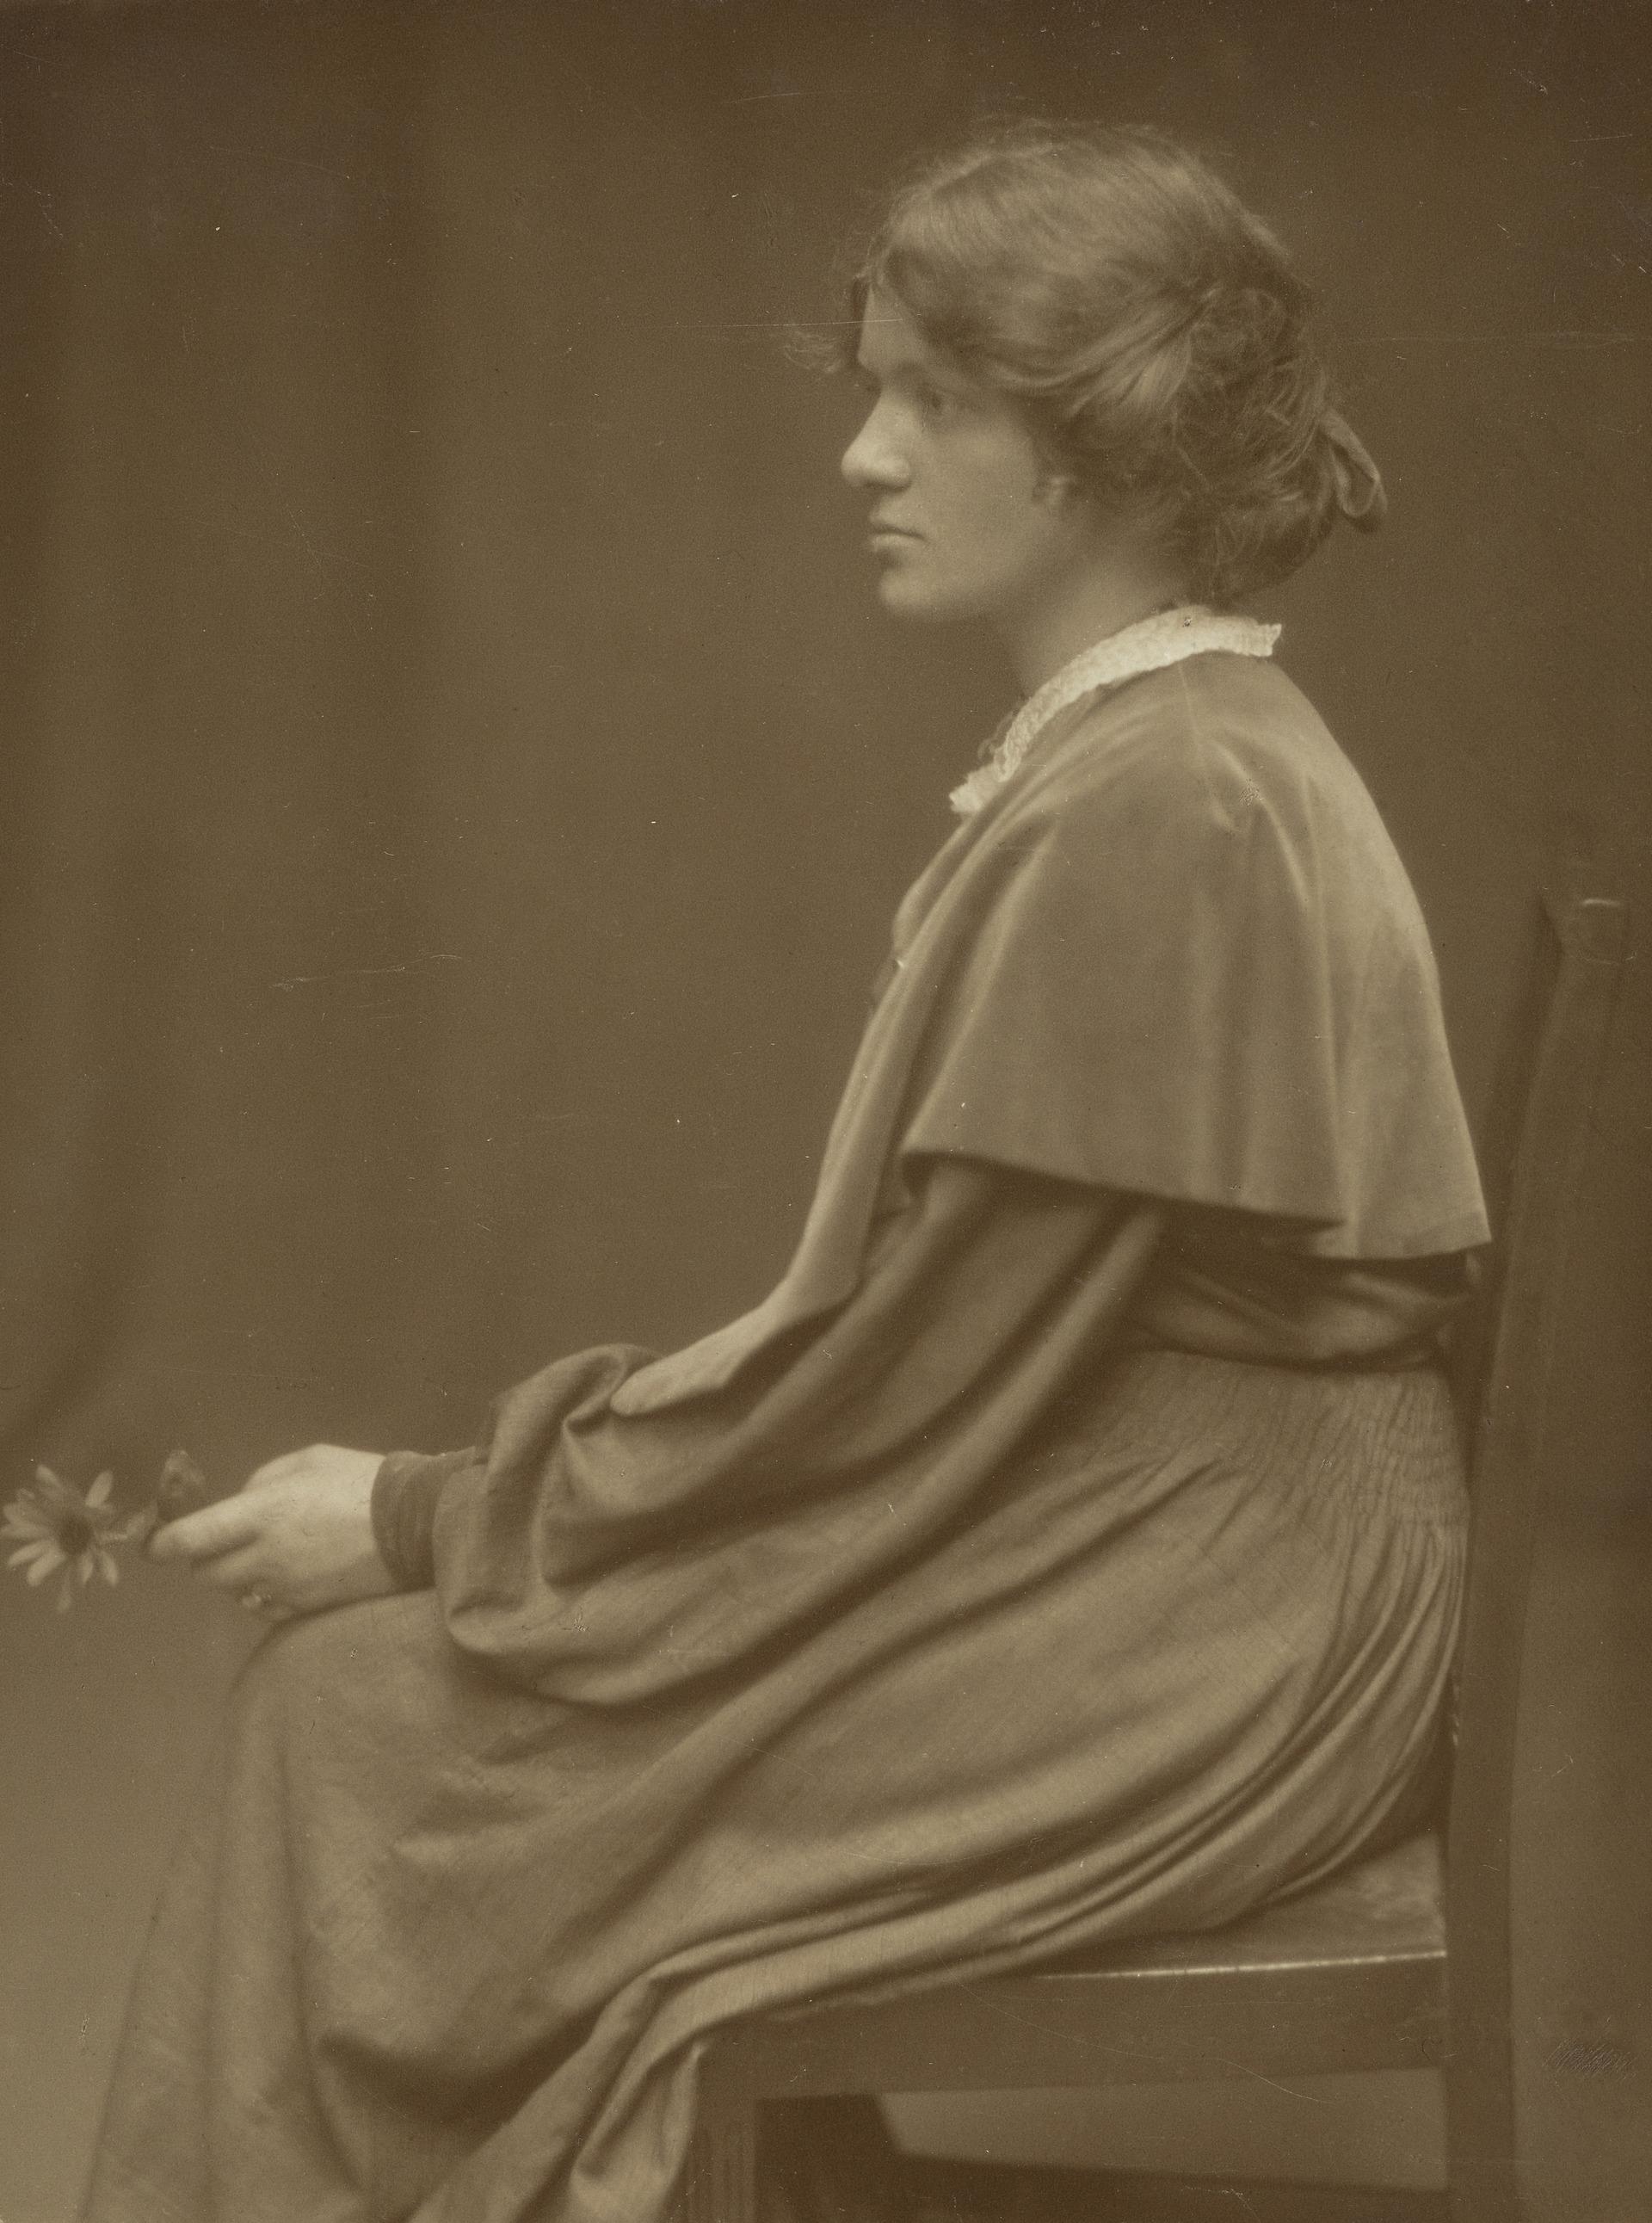 1897. Джесси Мэрион Кинг — шотландская художница и иллюстратор детской литературы